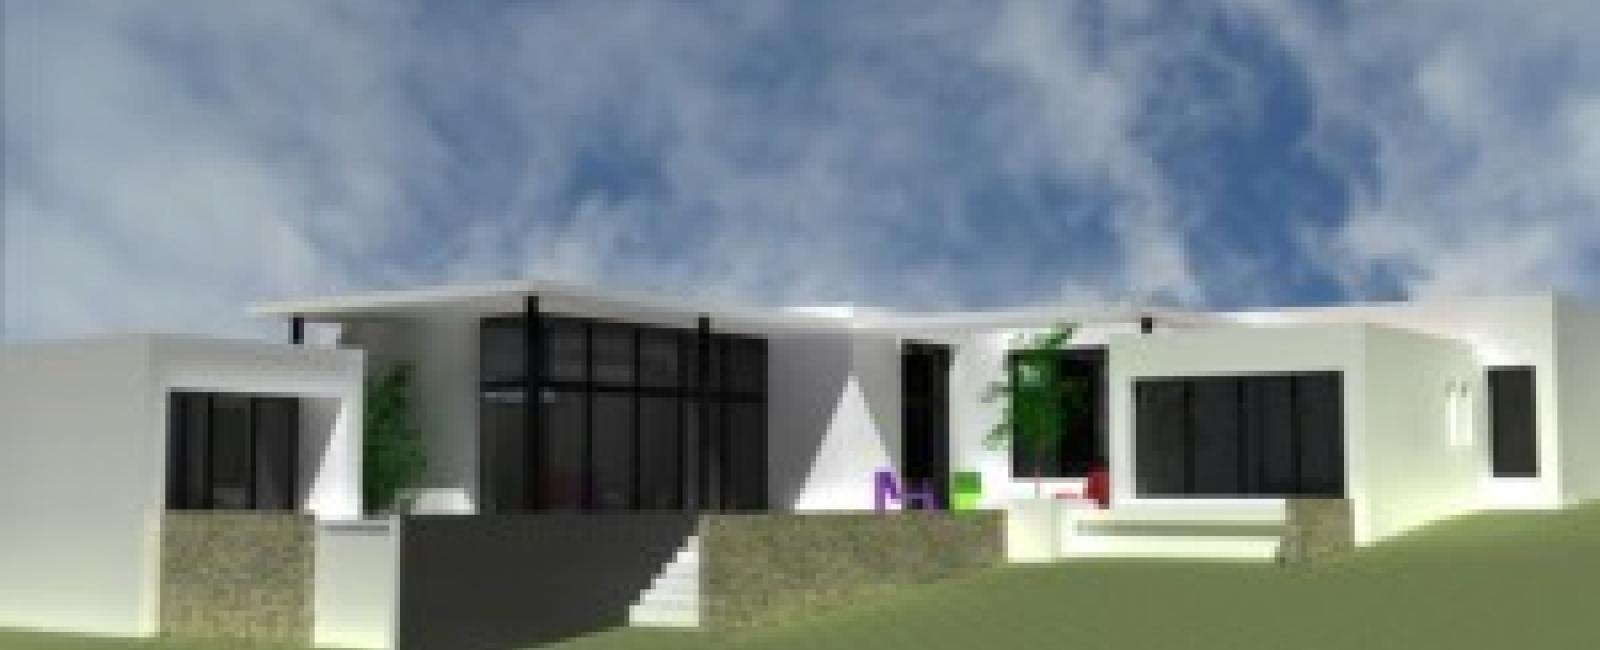 Constructeur var maison contemporaine ventana blog for Constructeur maison moderne gard